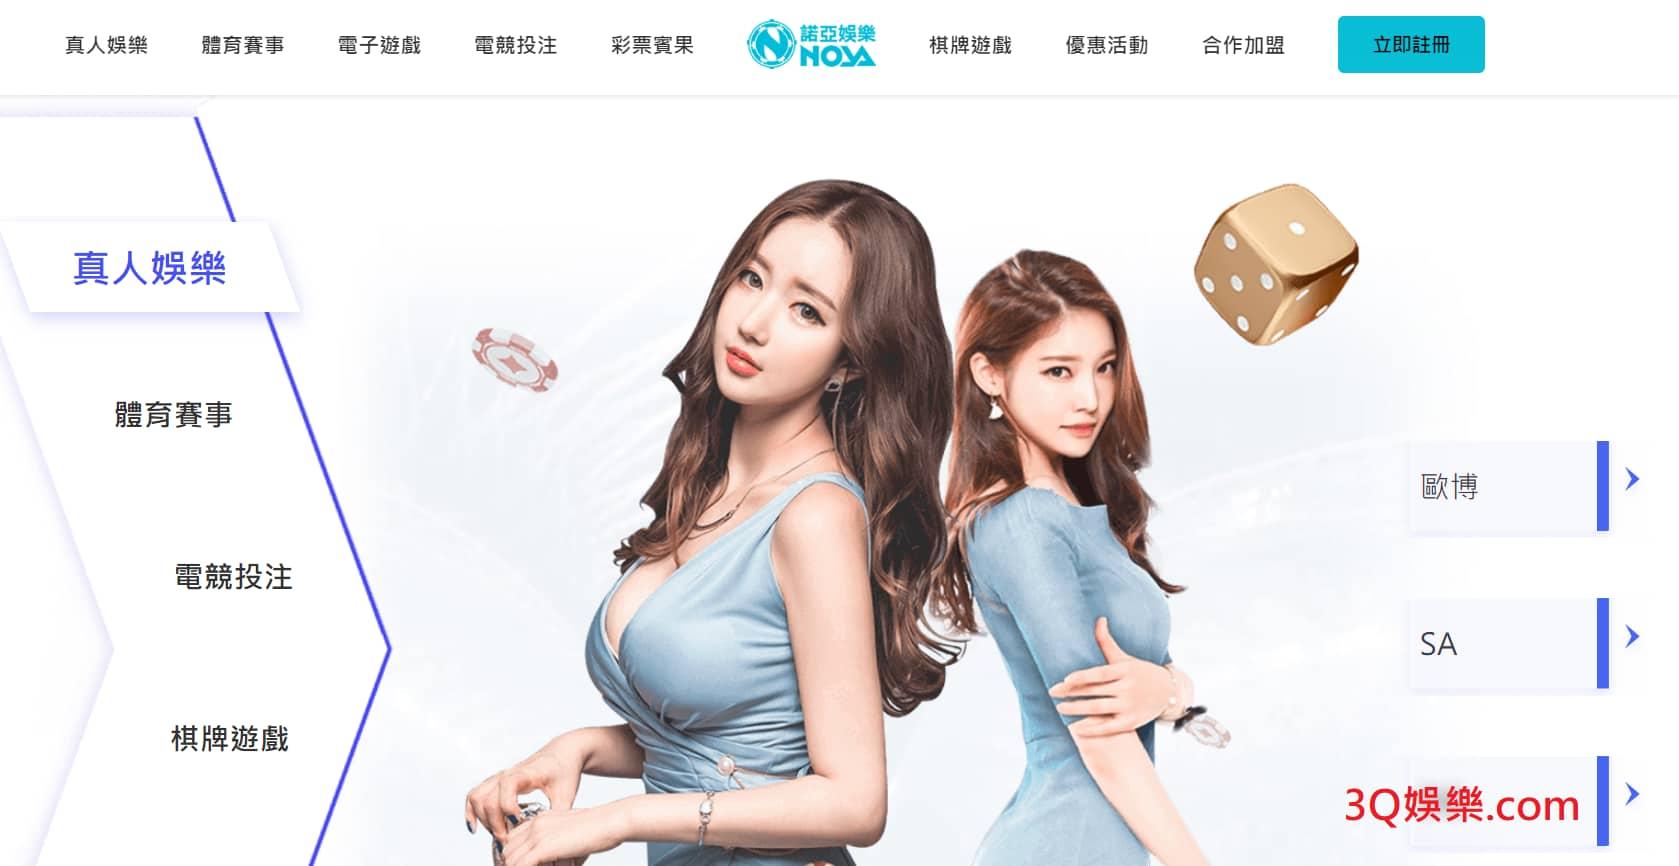 諾亞娛樂城 ( Noya ) 多款線上博奕遊戲 亞州最強娛樂平台,全網信譽第一 